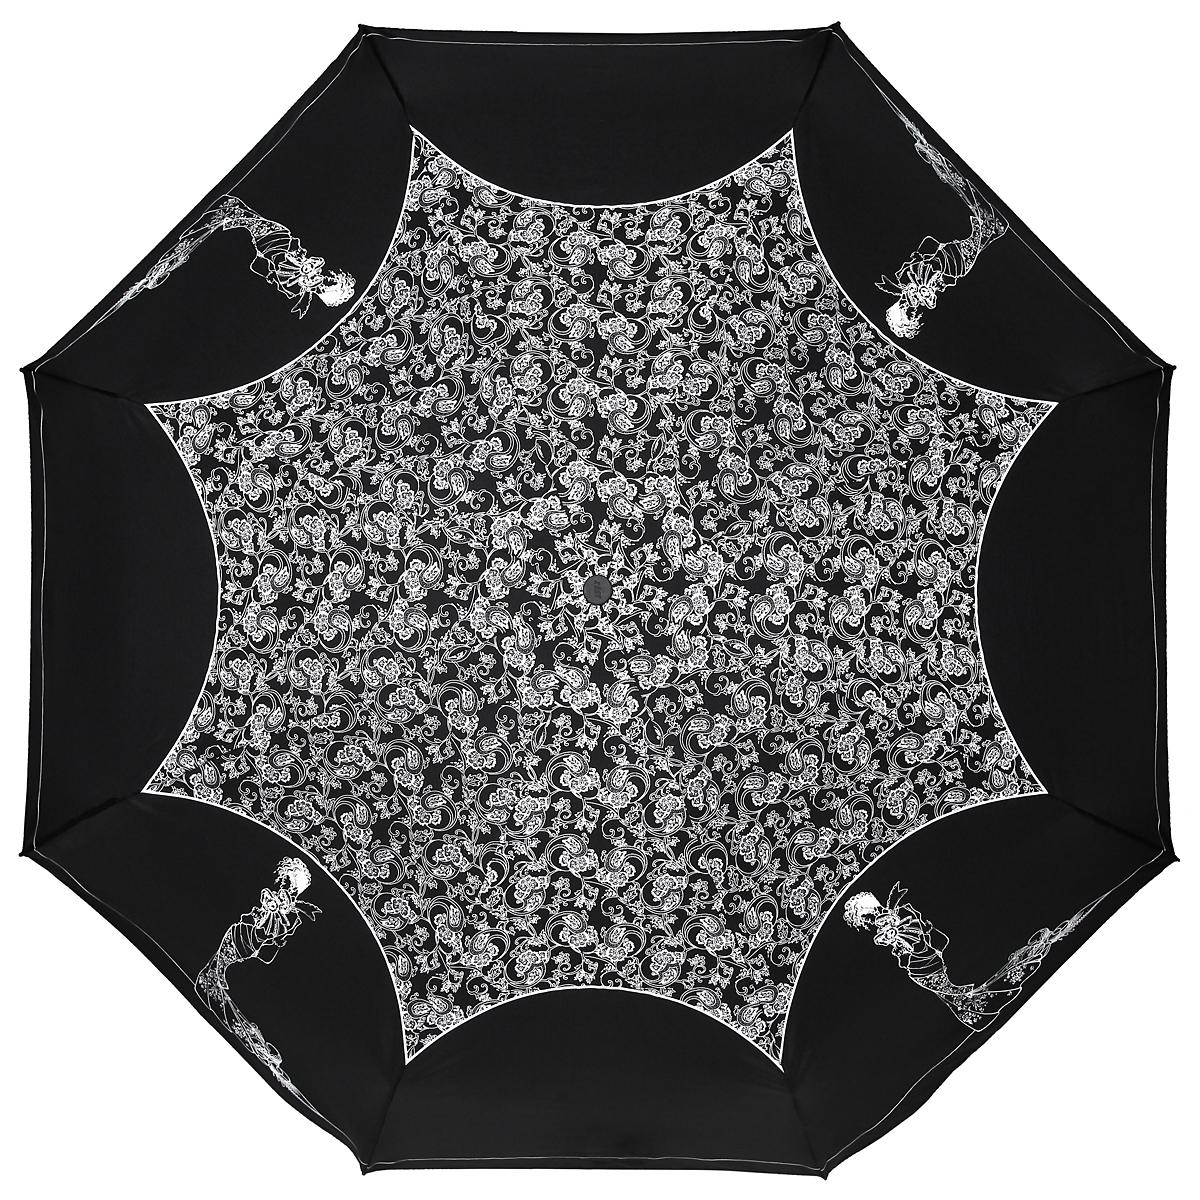 Зонт женский Zest, автомат, 4 сложения, цвет: черный, белый. 24759-900824759-9008Необычный автоматический зонт Zest в 4 сложения изготовлен из высокопрочных материалов. Каркас зонта состоит из 8 спиц и прочного алюминиевого стержня. Специальная система Windproof защищает его от поломок во время сильных порывов ветра. Купол зонта выполнен из прочного полиэстера с водоотталкивающей пропиткой и оформлен изображением силуэта девушки и витиеватым растительным узором. Края купола зонта дополнены тонкой полосой. Используемые высококачественные красители обеспечивают длительное сохранение свойств ткани купола. Рукоятка, разработанная с учетом требований эргономики, выполнена из пластика. Зонт имеет полный автоматический механизм сложения: купол открывается и закрывается нажатием кнопки на рукоятке, стержень складывается вручную до характерного щелчка. Благодаря этому открыть и закрыть зонт можно одной рукой, что чрезвычайно удобно при входе в транспорт или помещение. Небольшой шнурок, расположенный на рукоятке, позволяет надеть изделие на руку при...